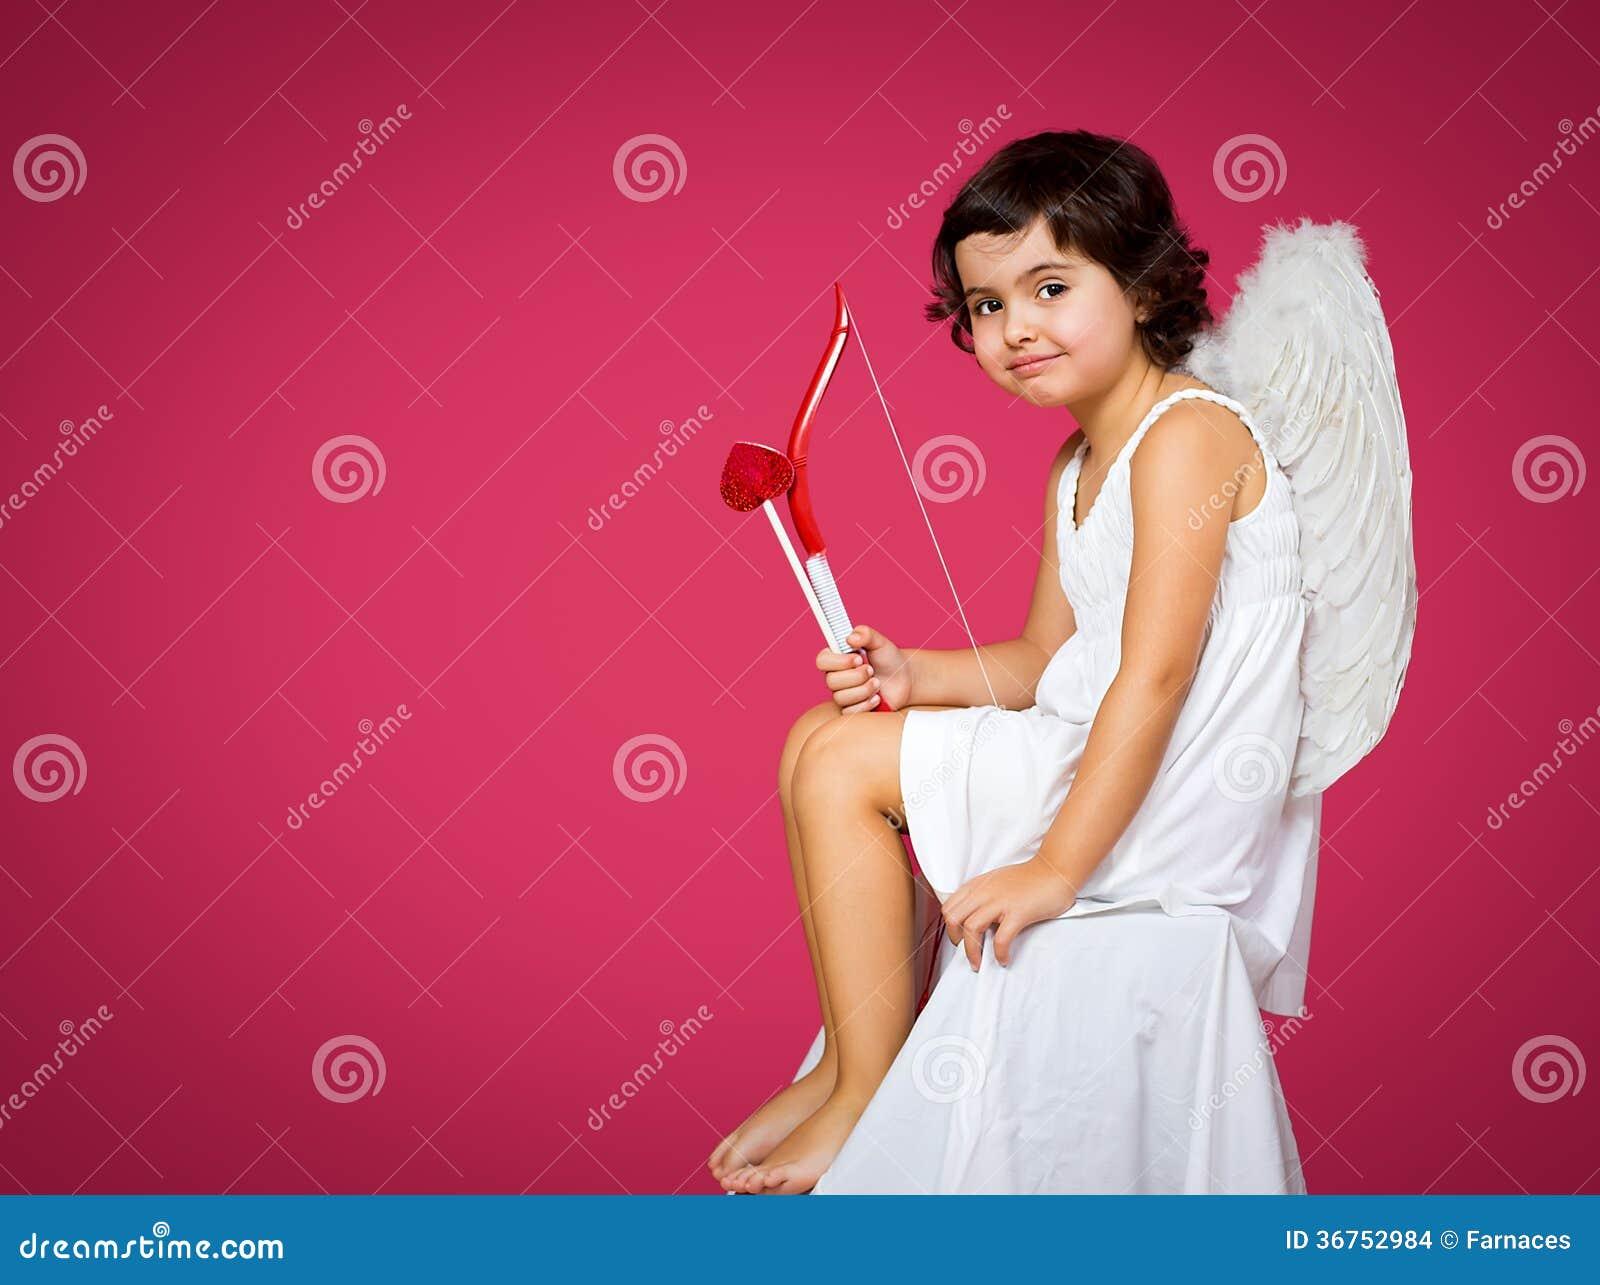 Indian Cupid Girls - #GolfClub